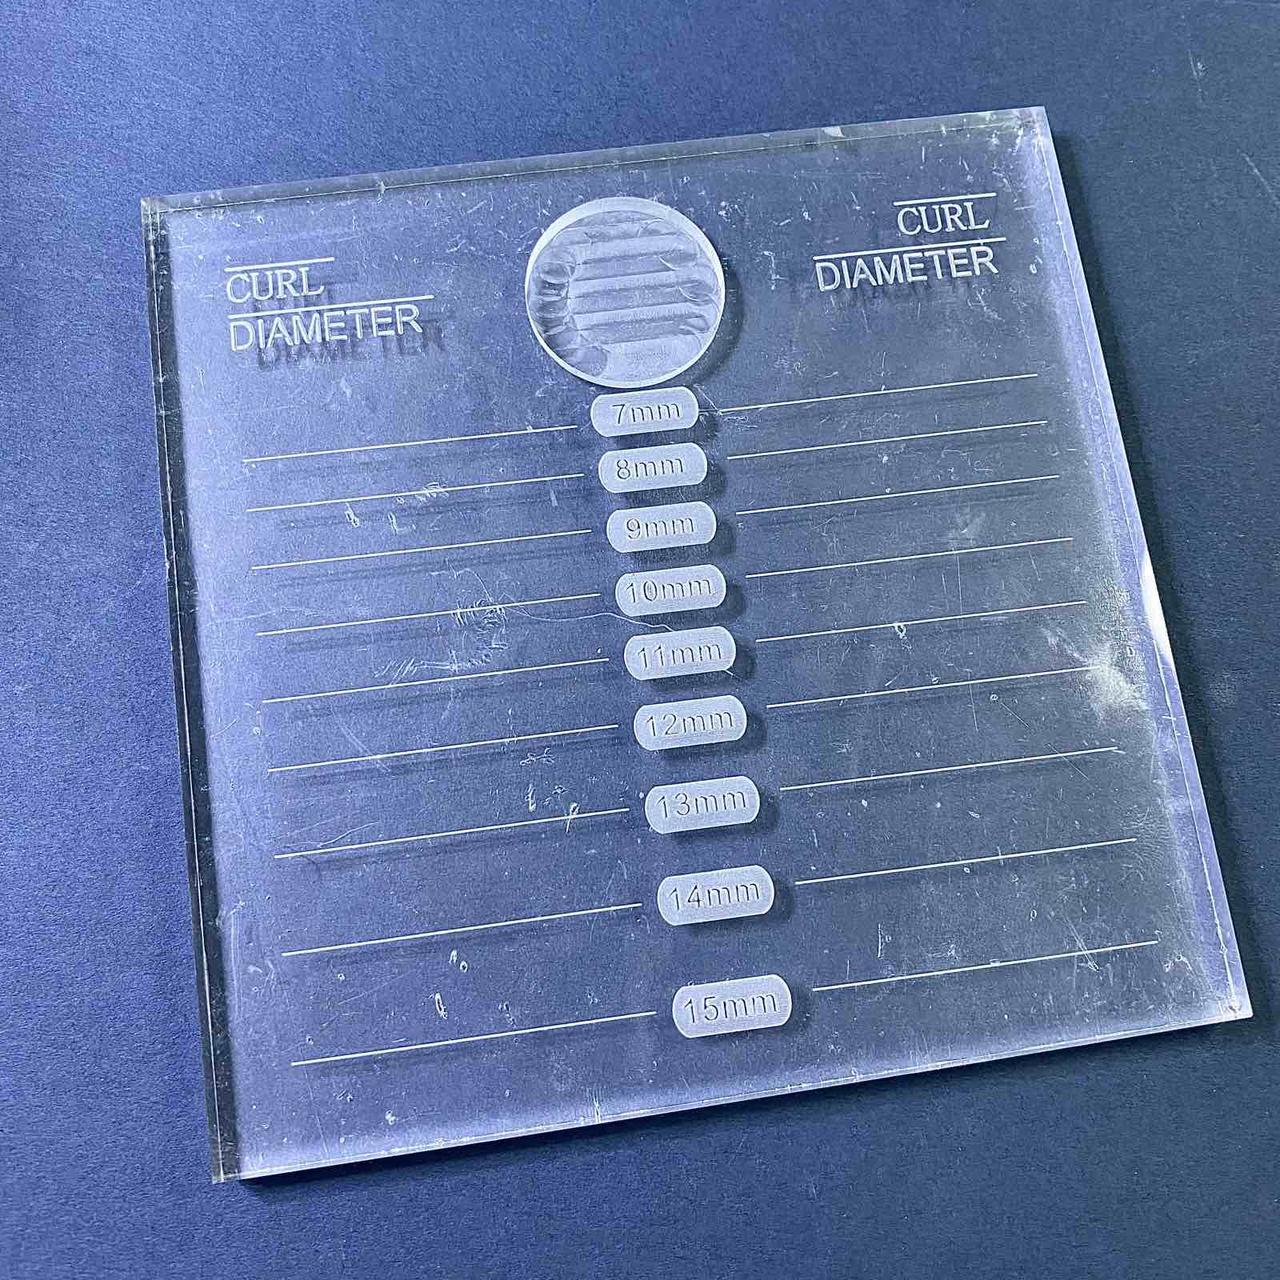 Планшет для сортировки ресниц (для наращивания)